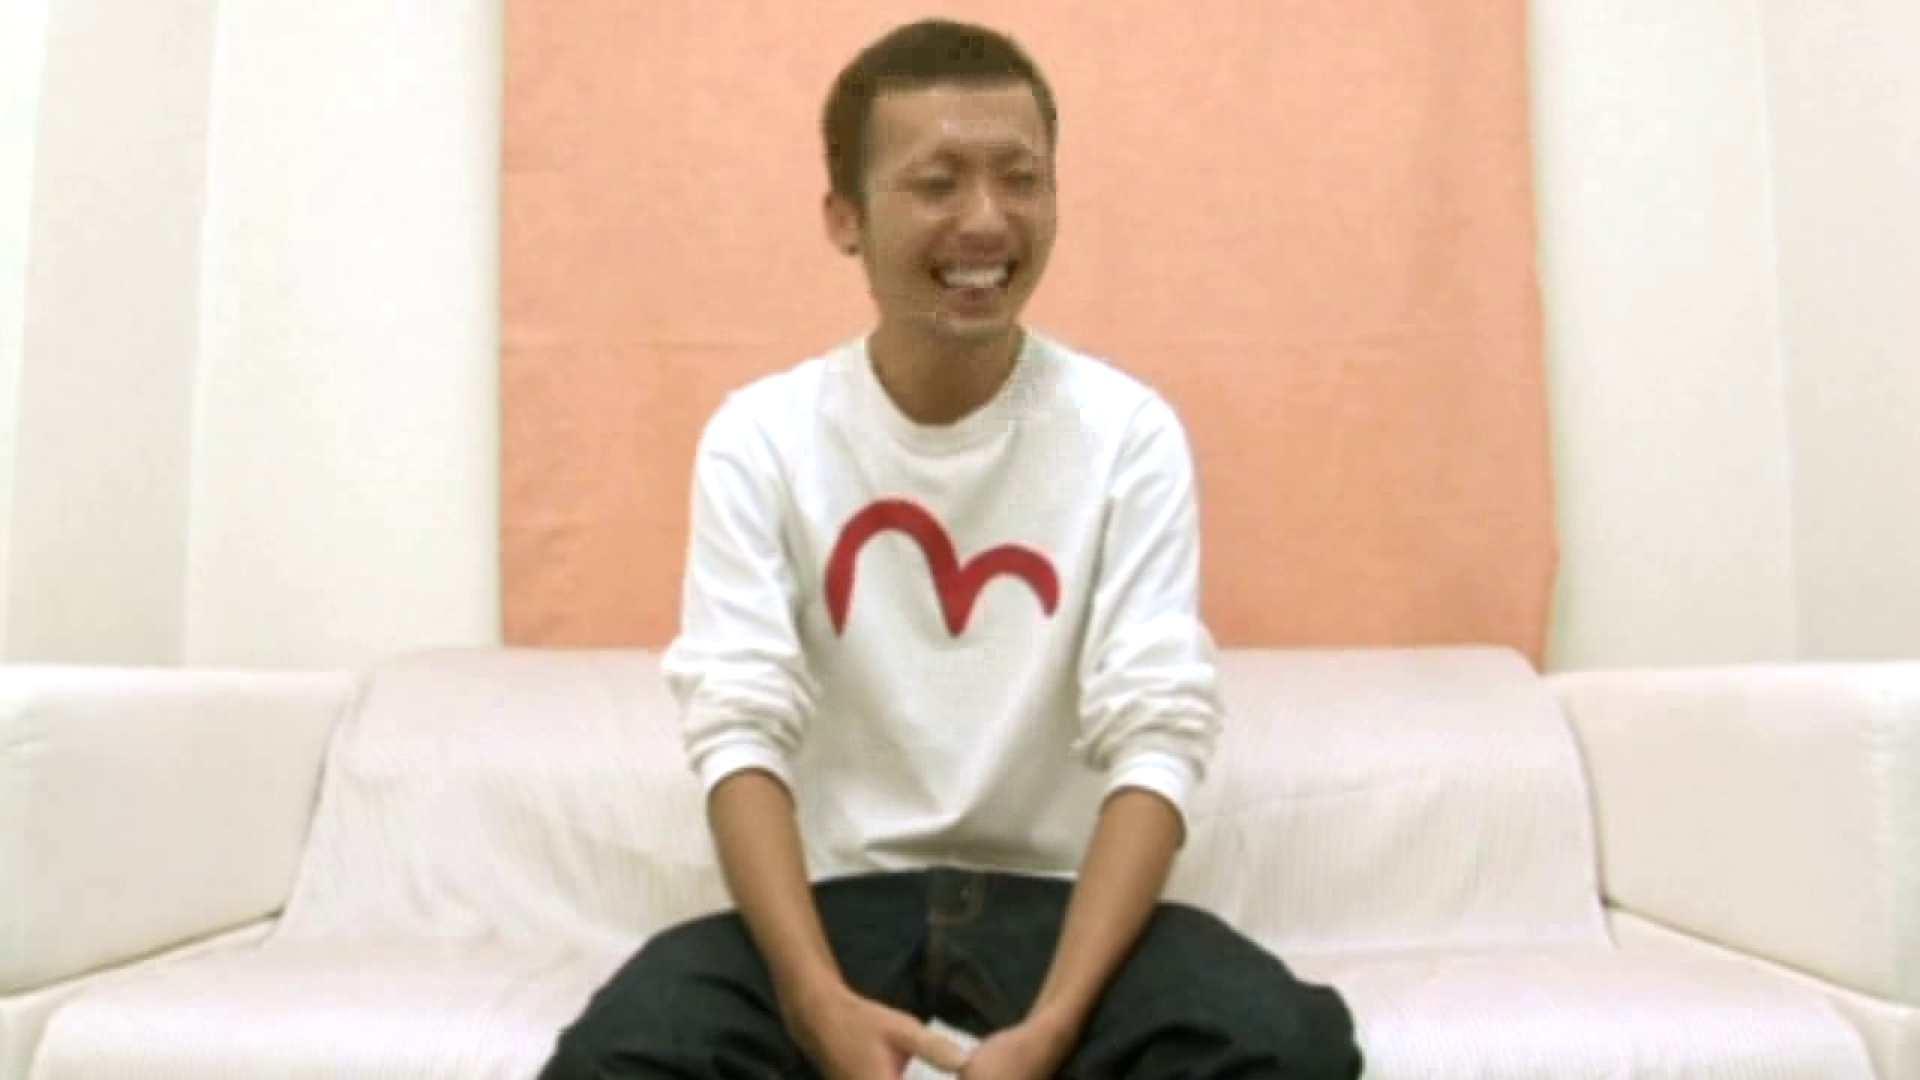 ノンケ!自慰スタジオ No.11 オナニー アダルトビデオ画像キャプチャ 88枚 31